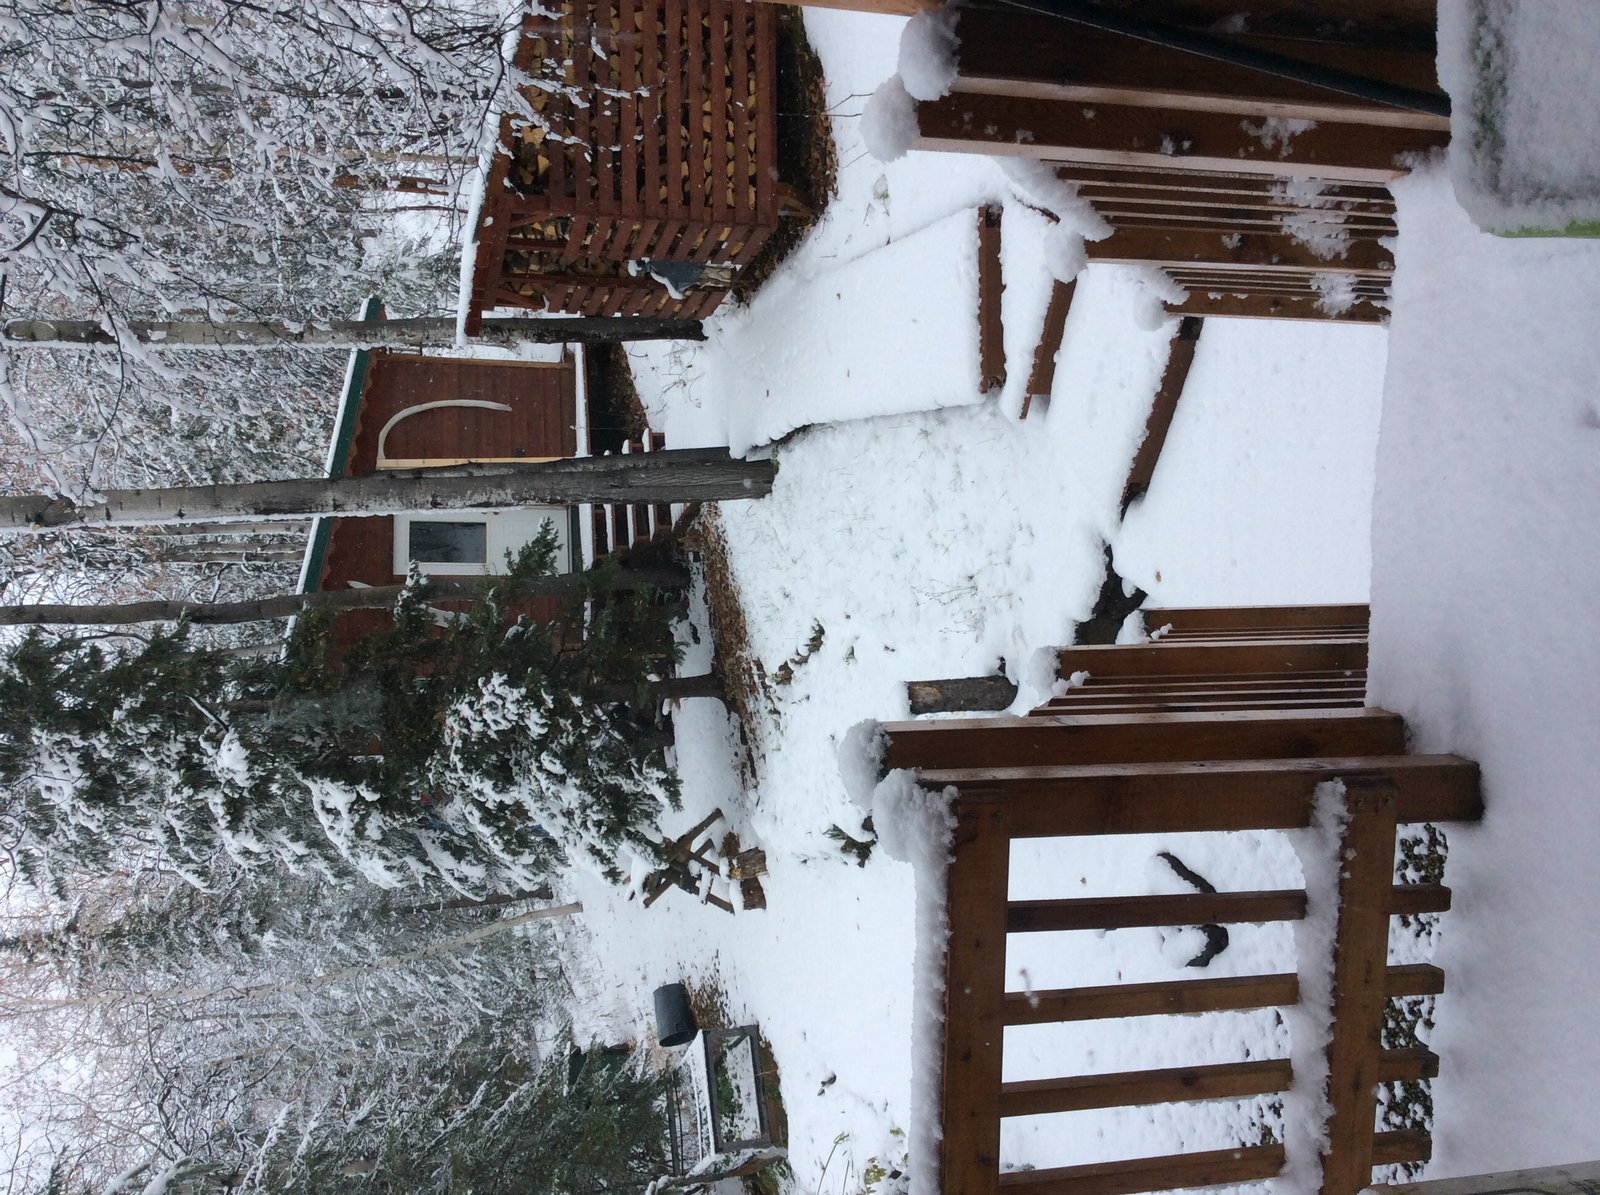 Ahhhhh snow